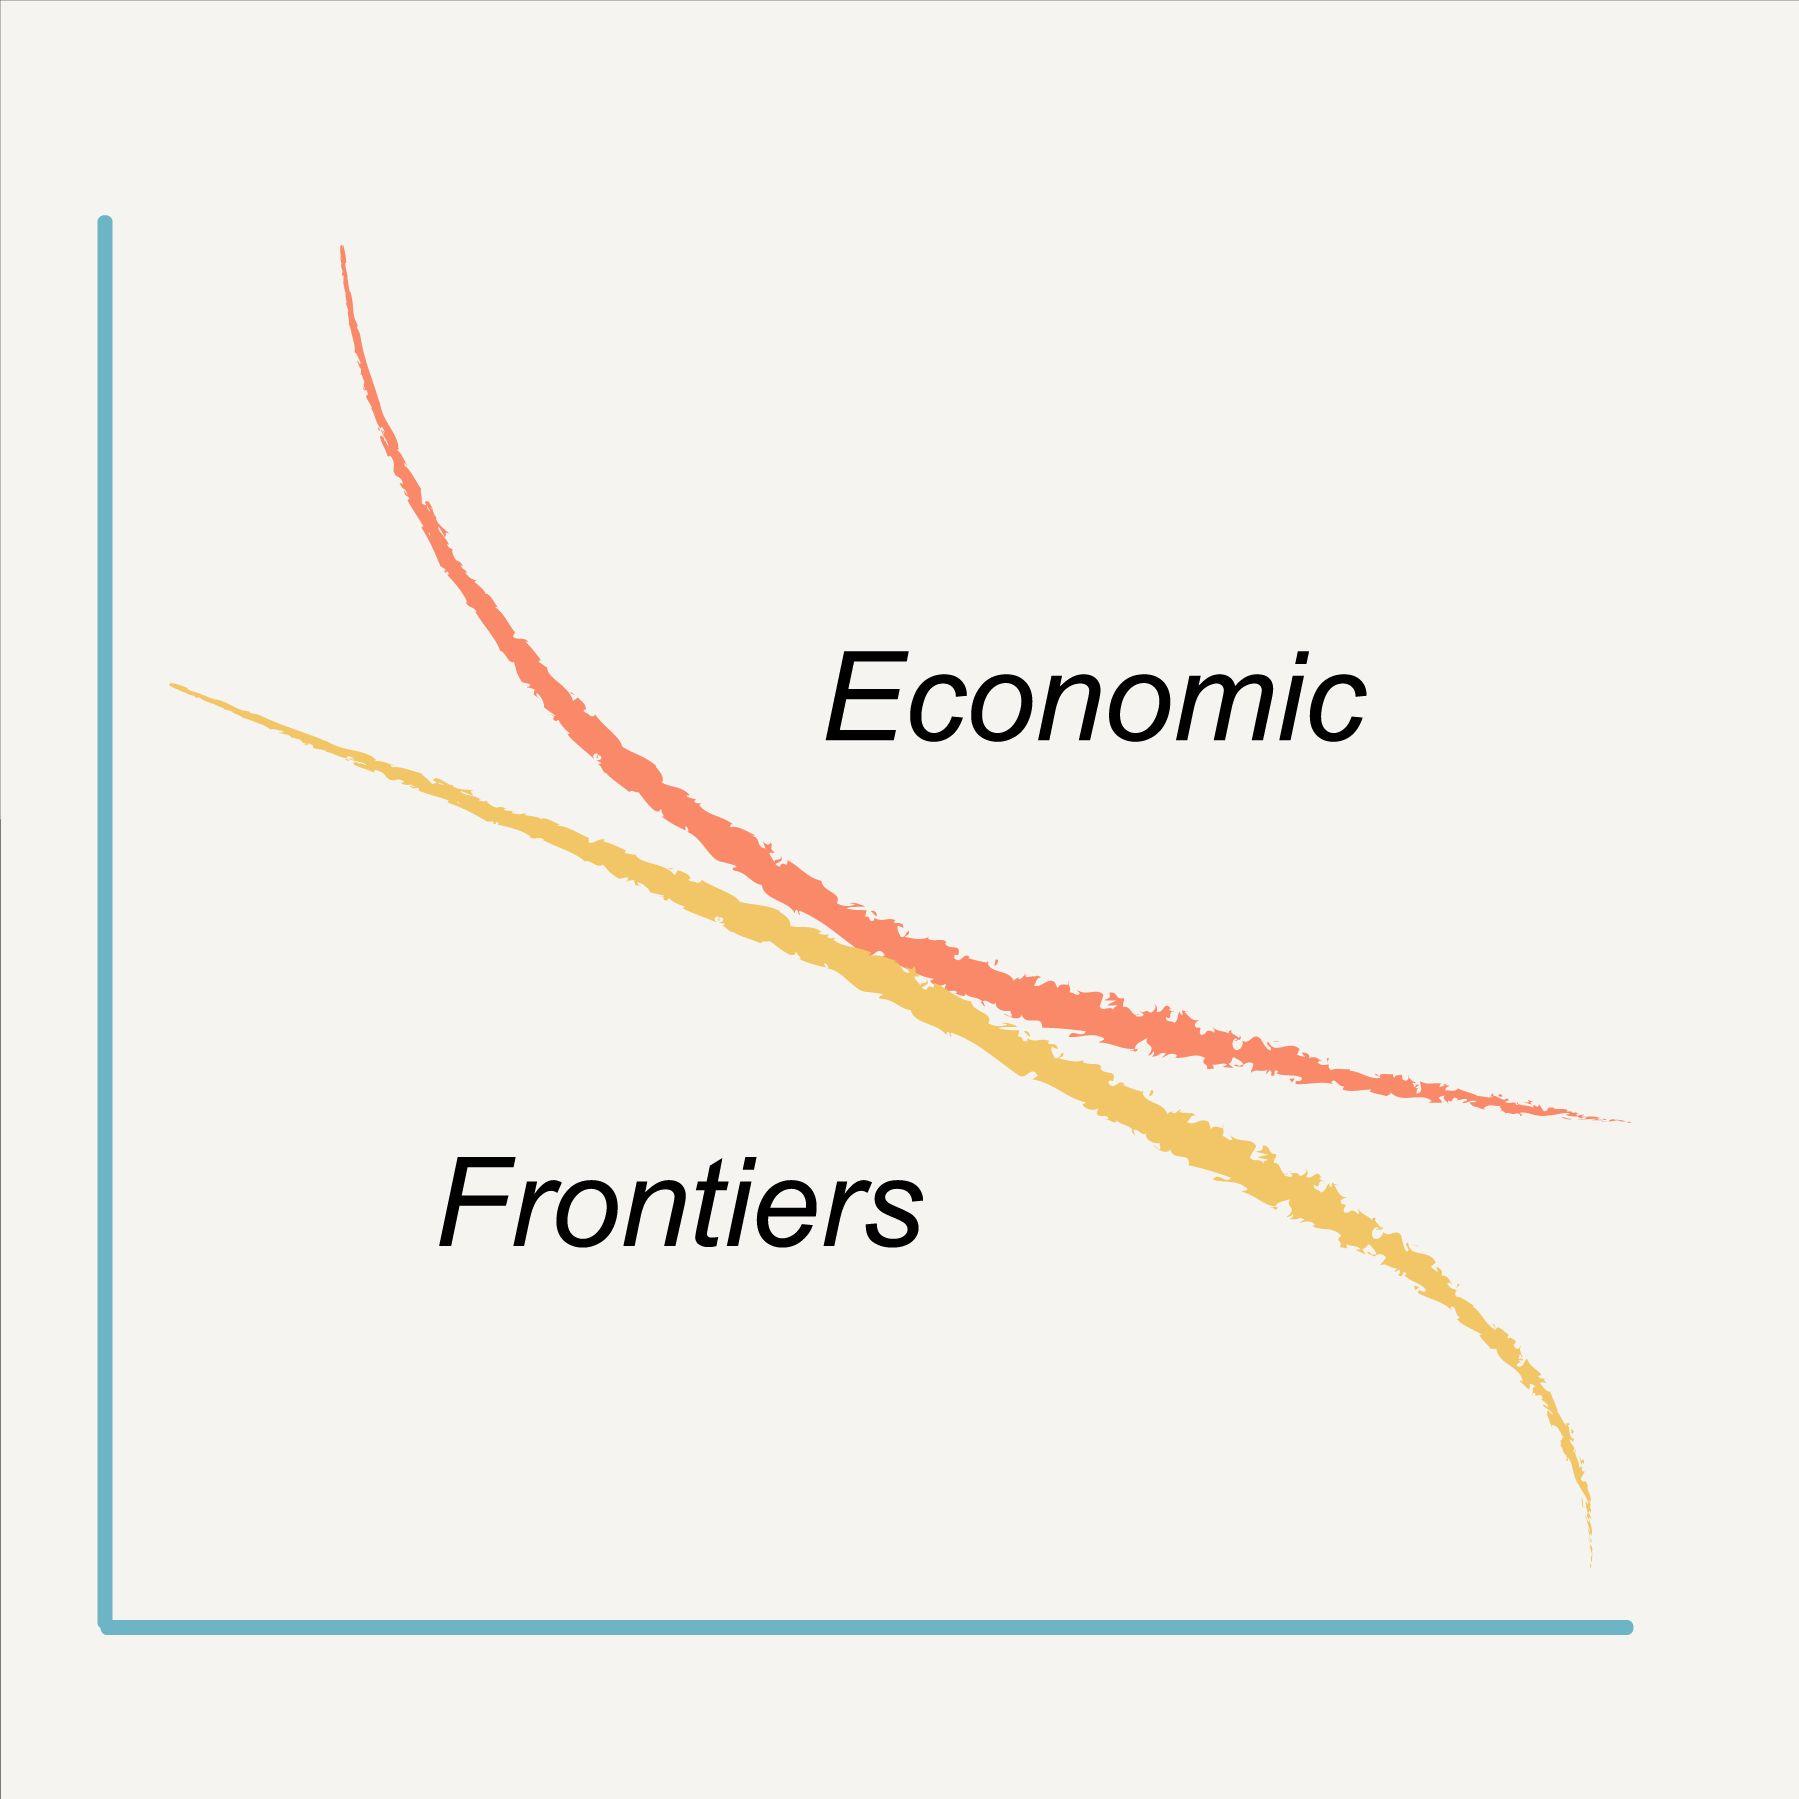 Economic Frontiers